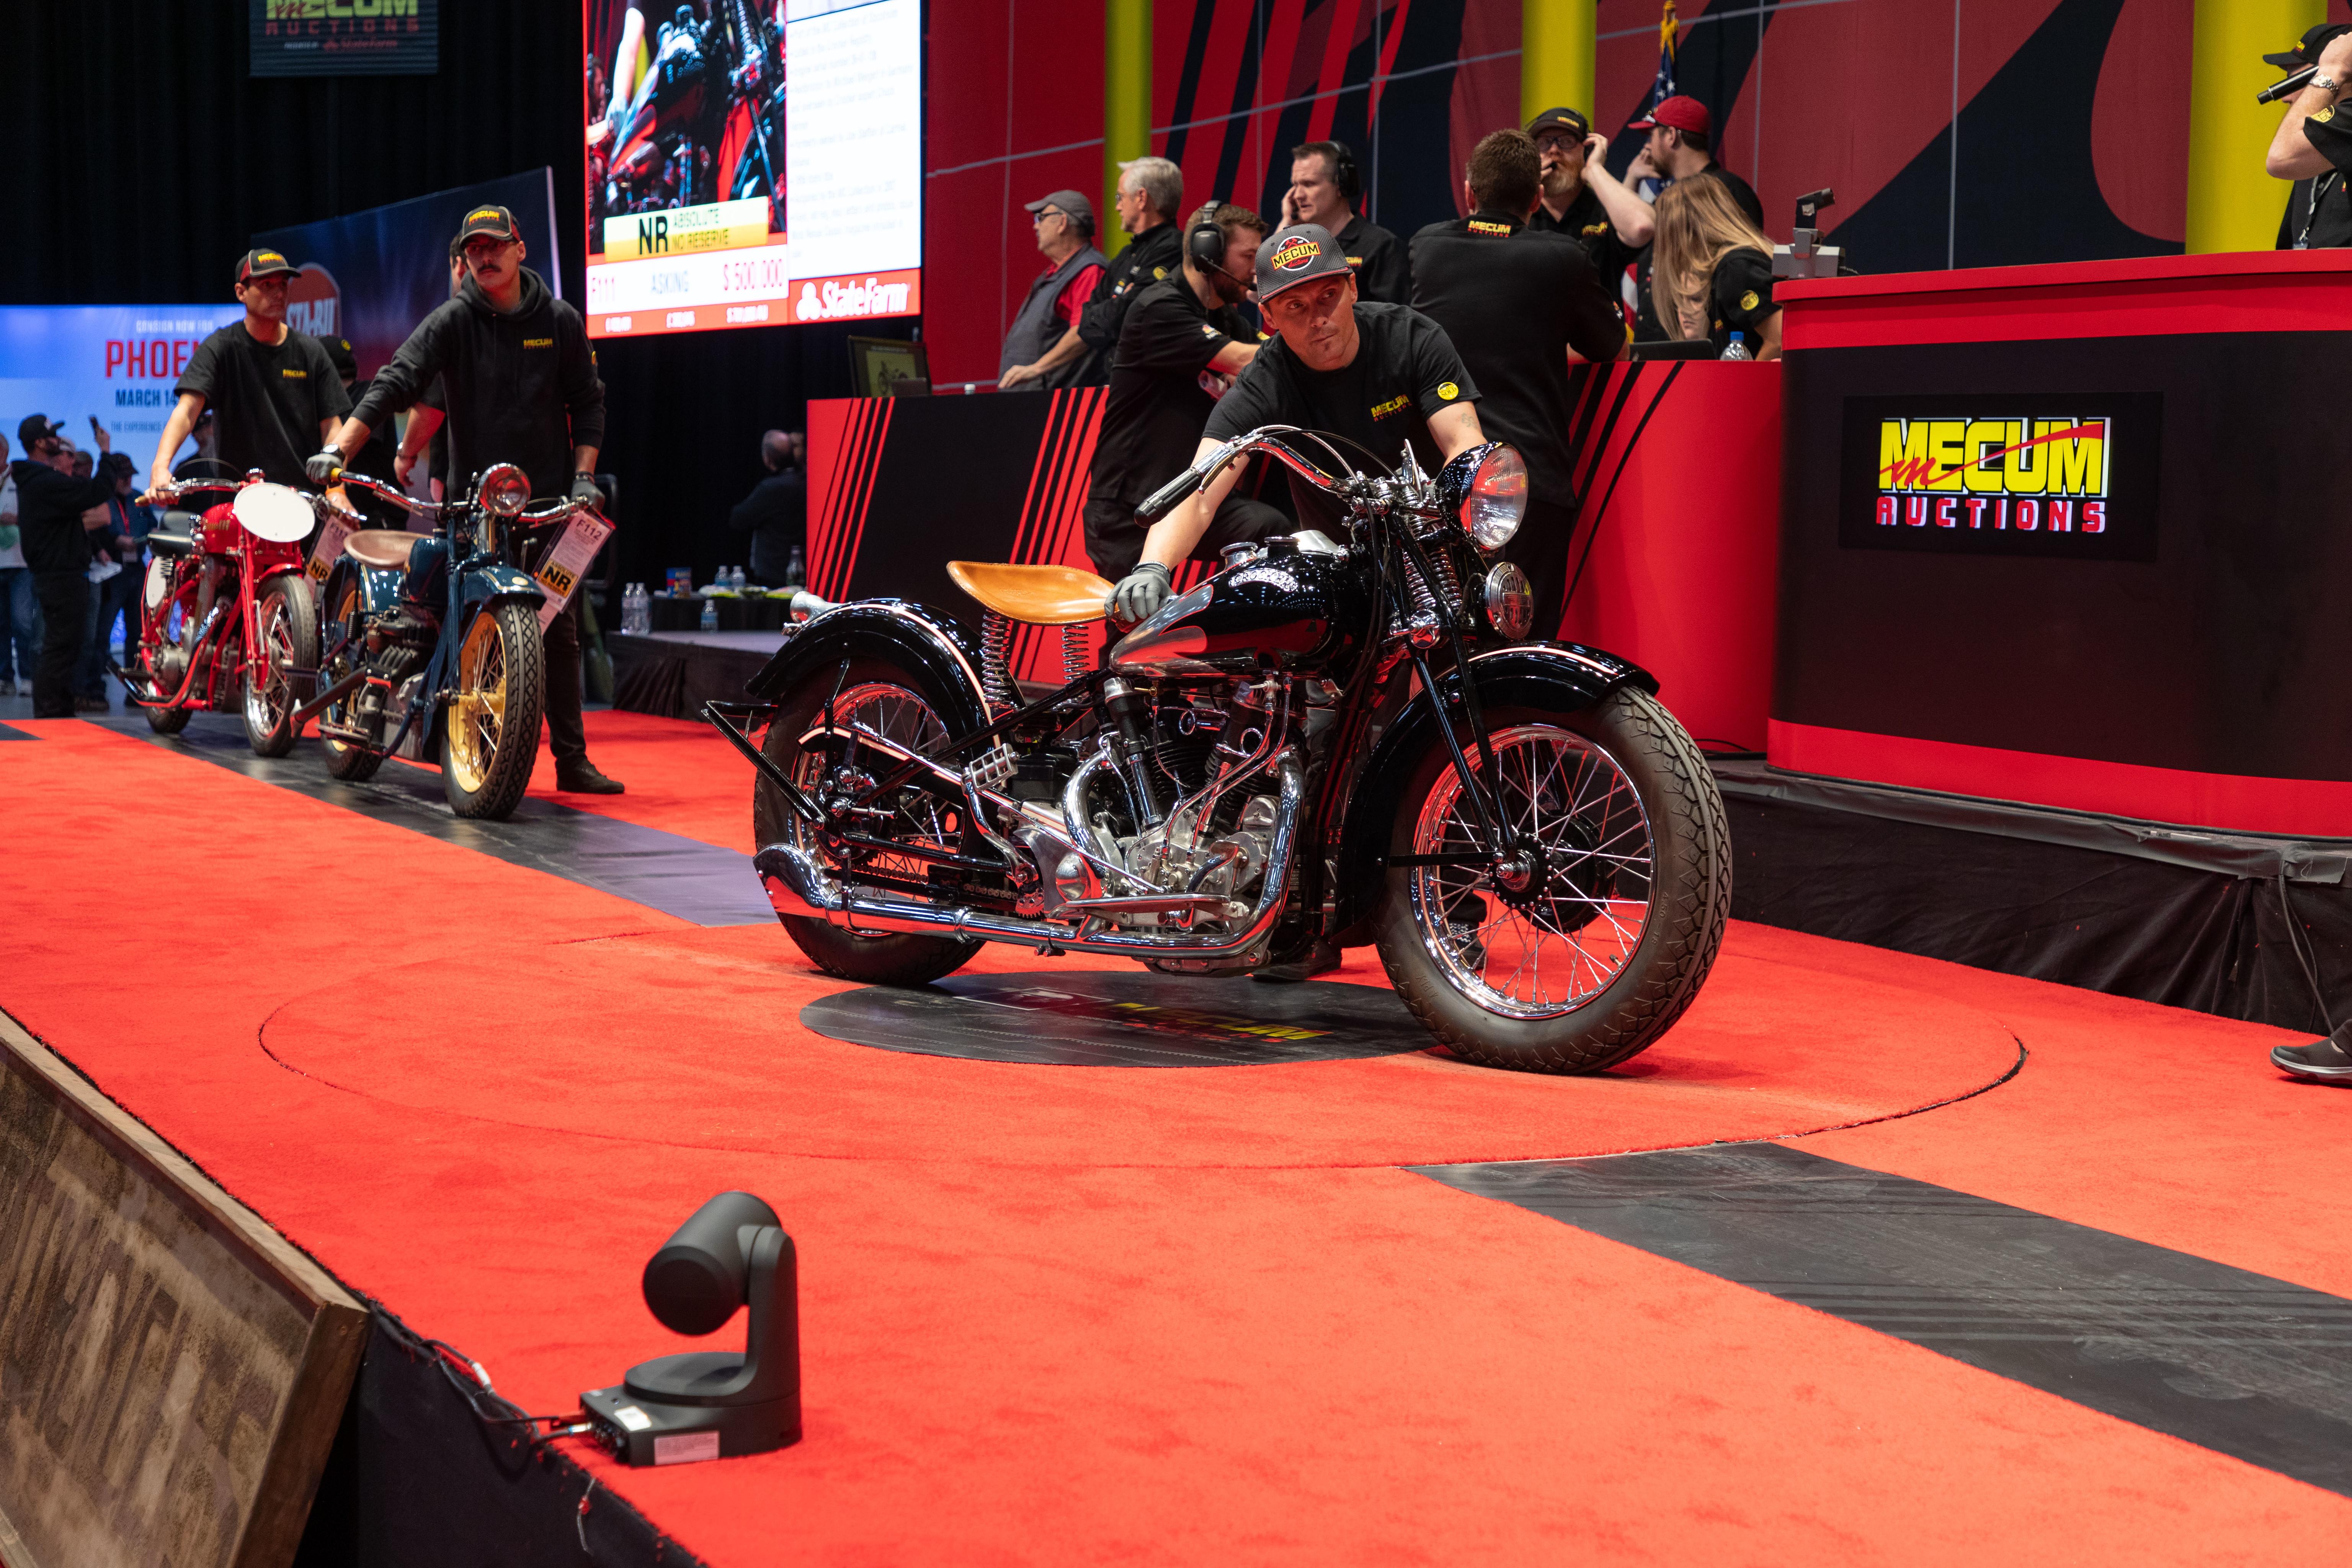 Mecum las vegas 2019 motorcycle auction   mecum collector car auctions 2020 las vegas